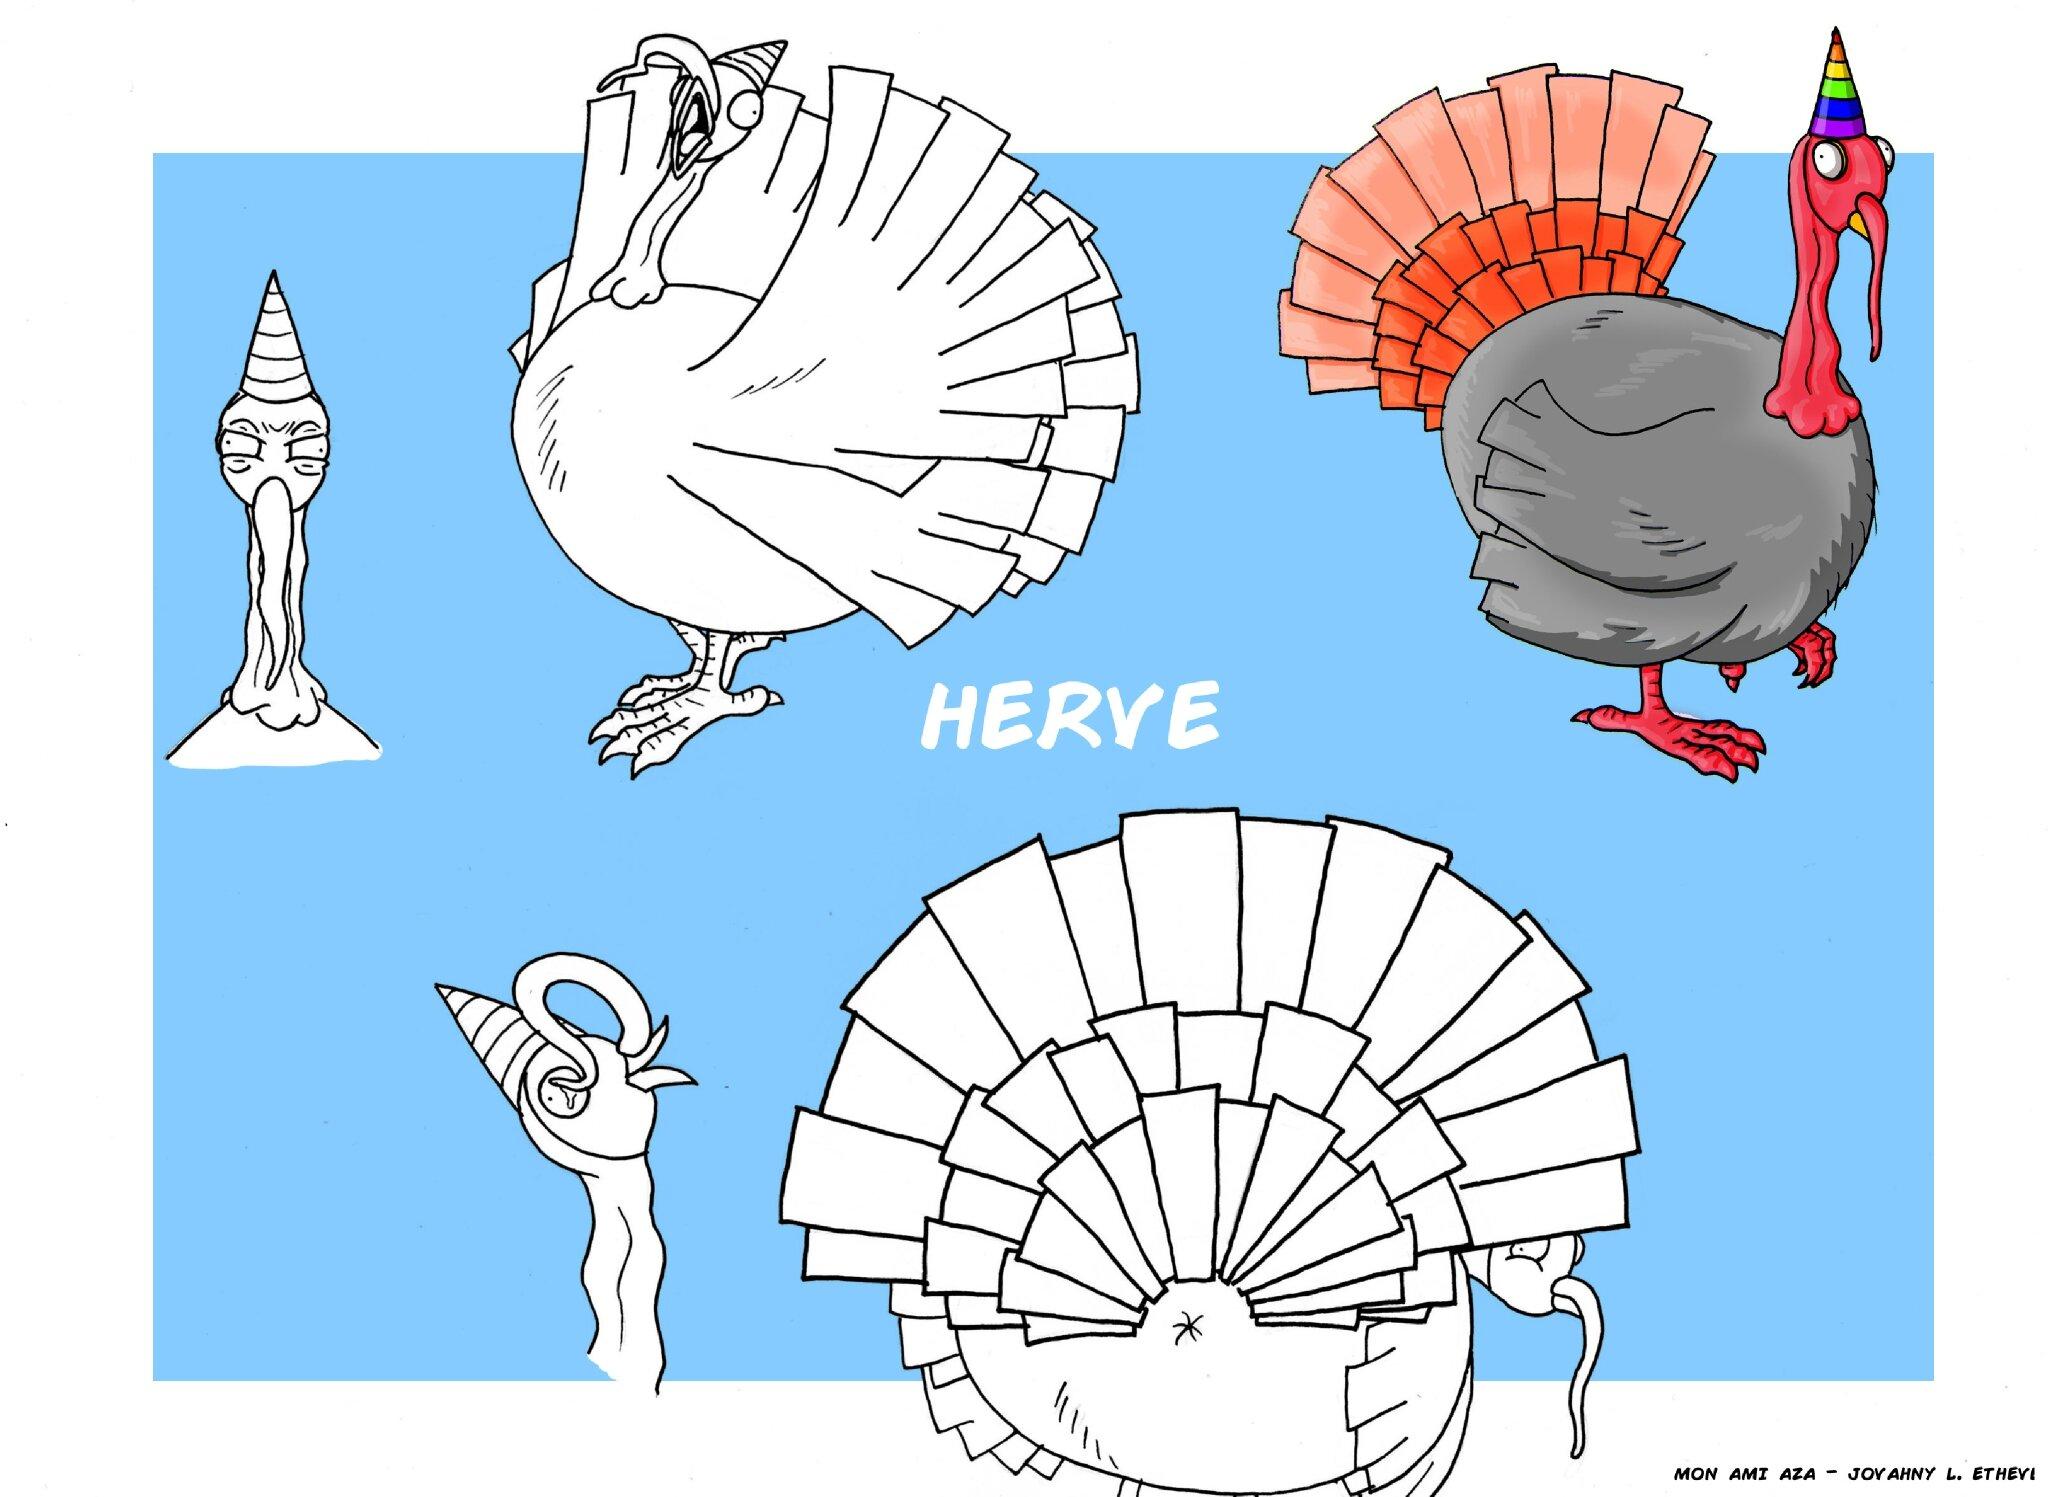 Mon ami Aza - Herve